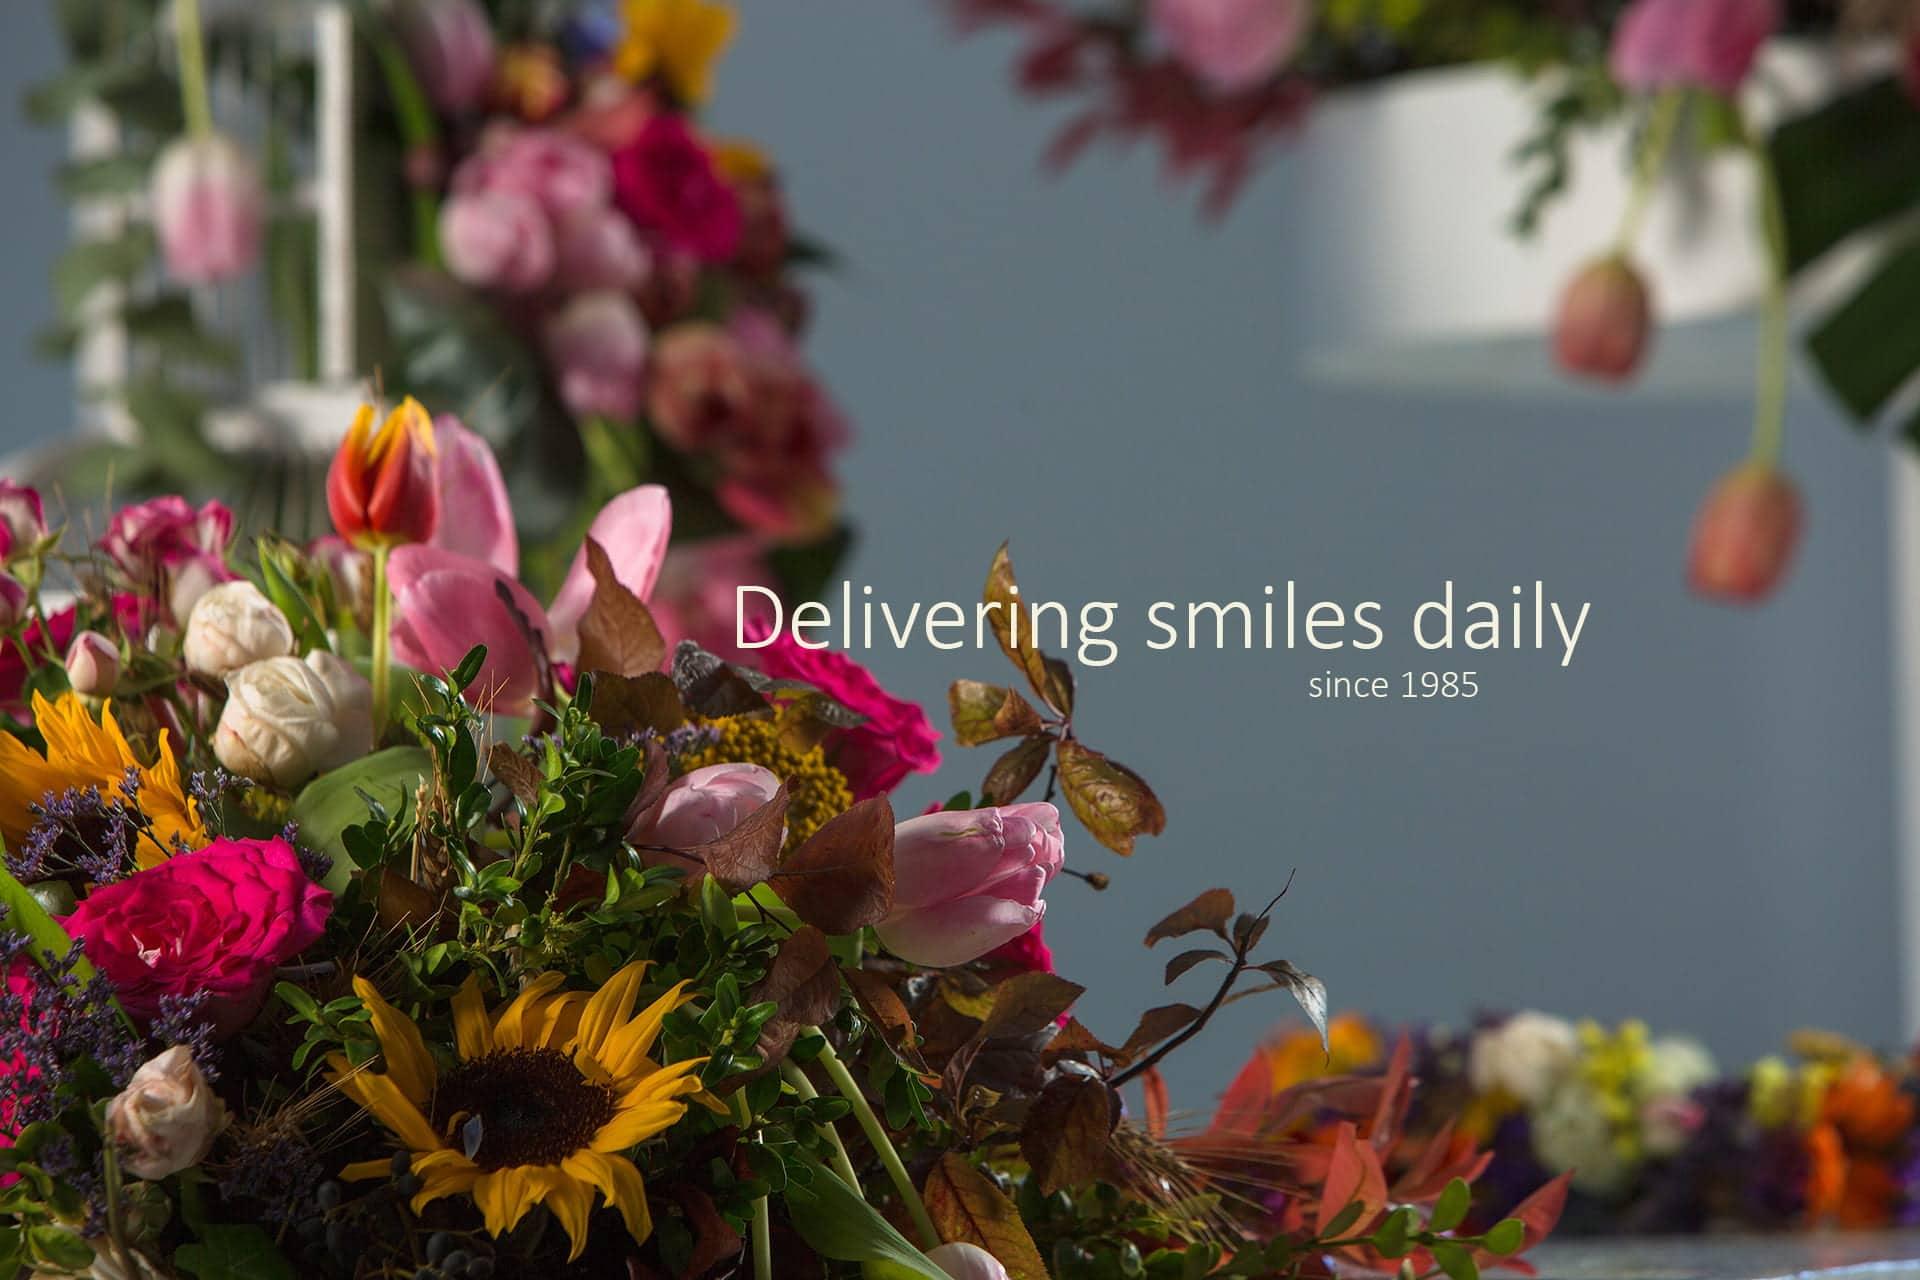 λουλουδια του ανθοπωλειου μουστακα